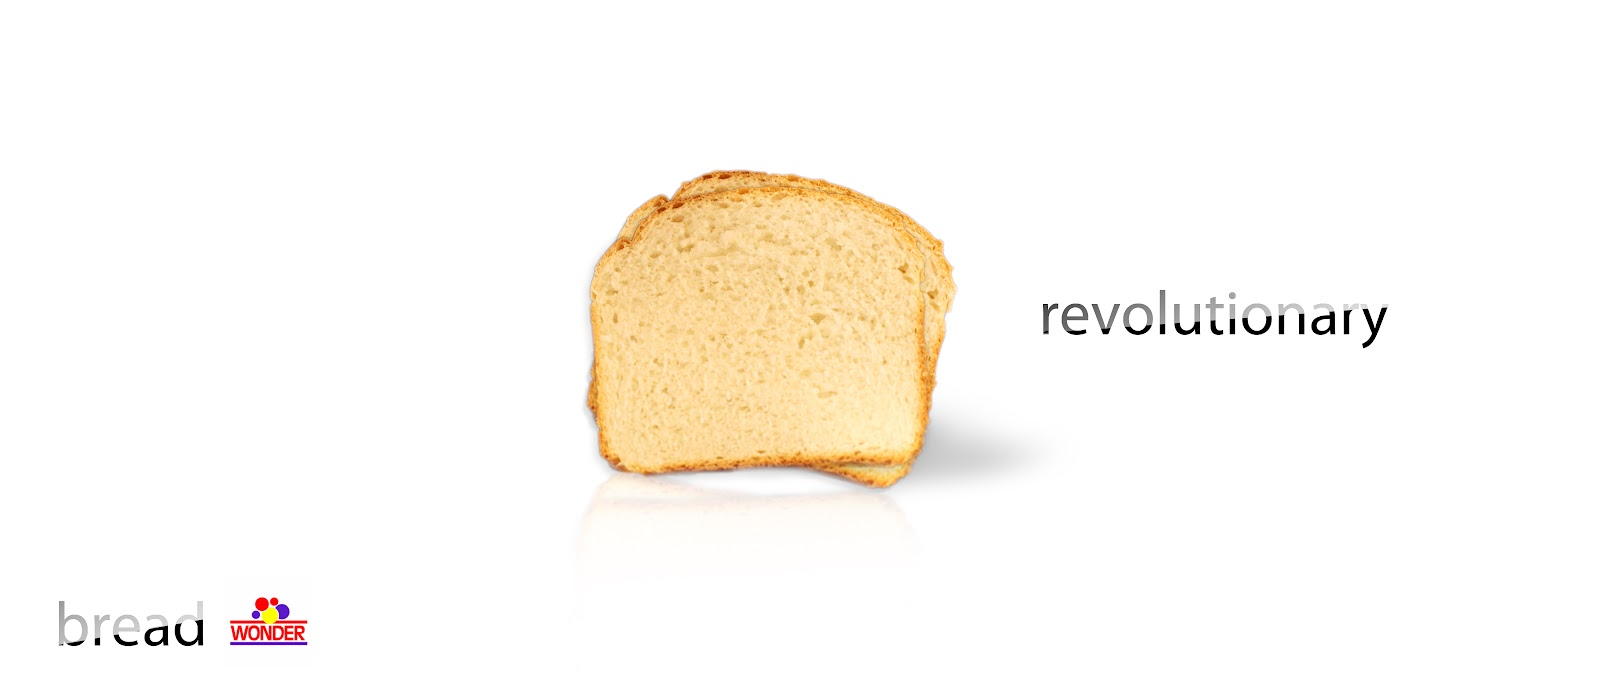 Sliced Bread. Revolutionary.